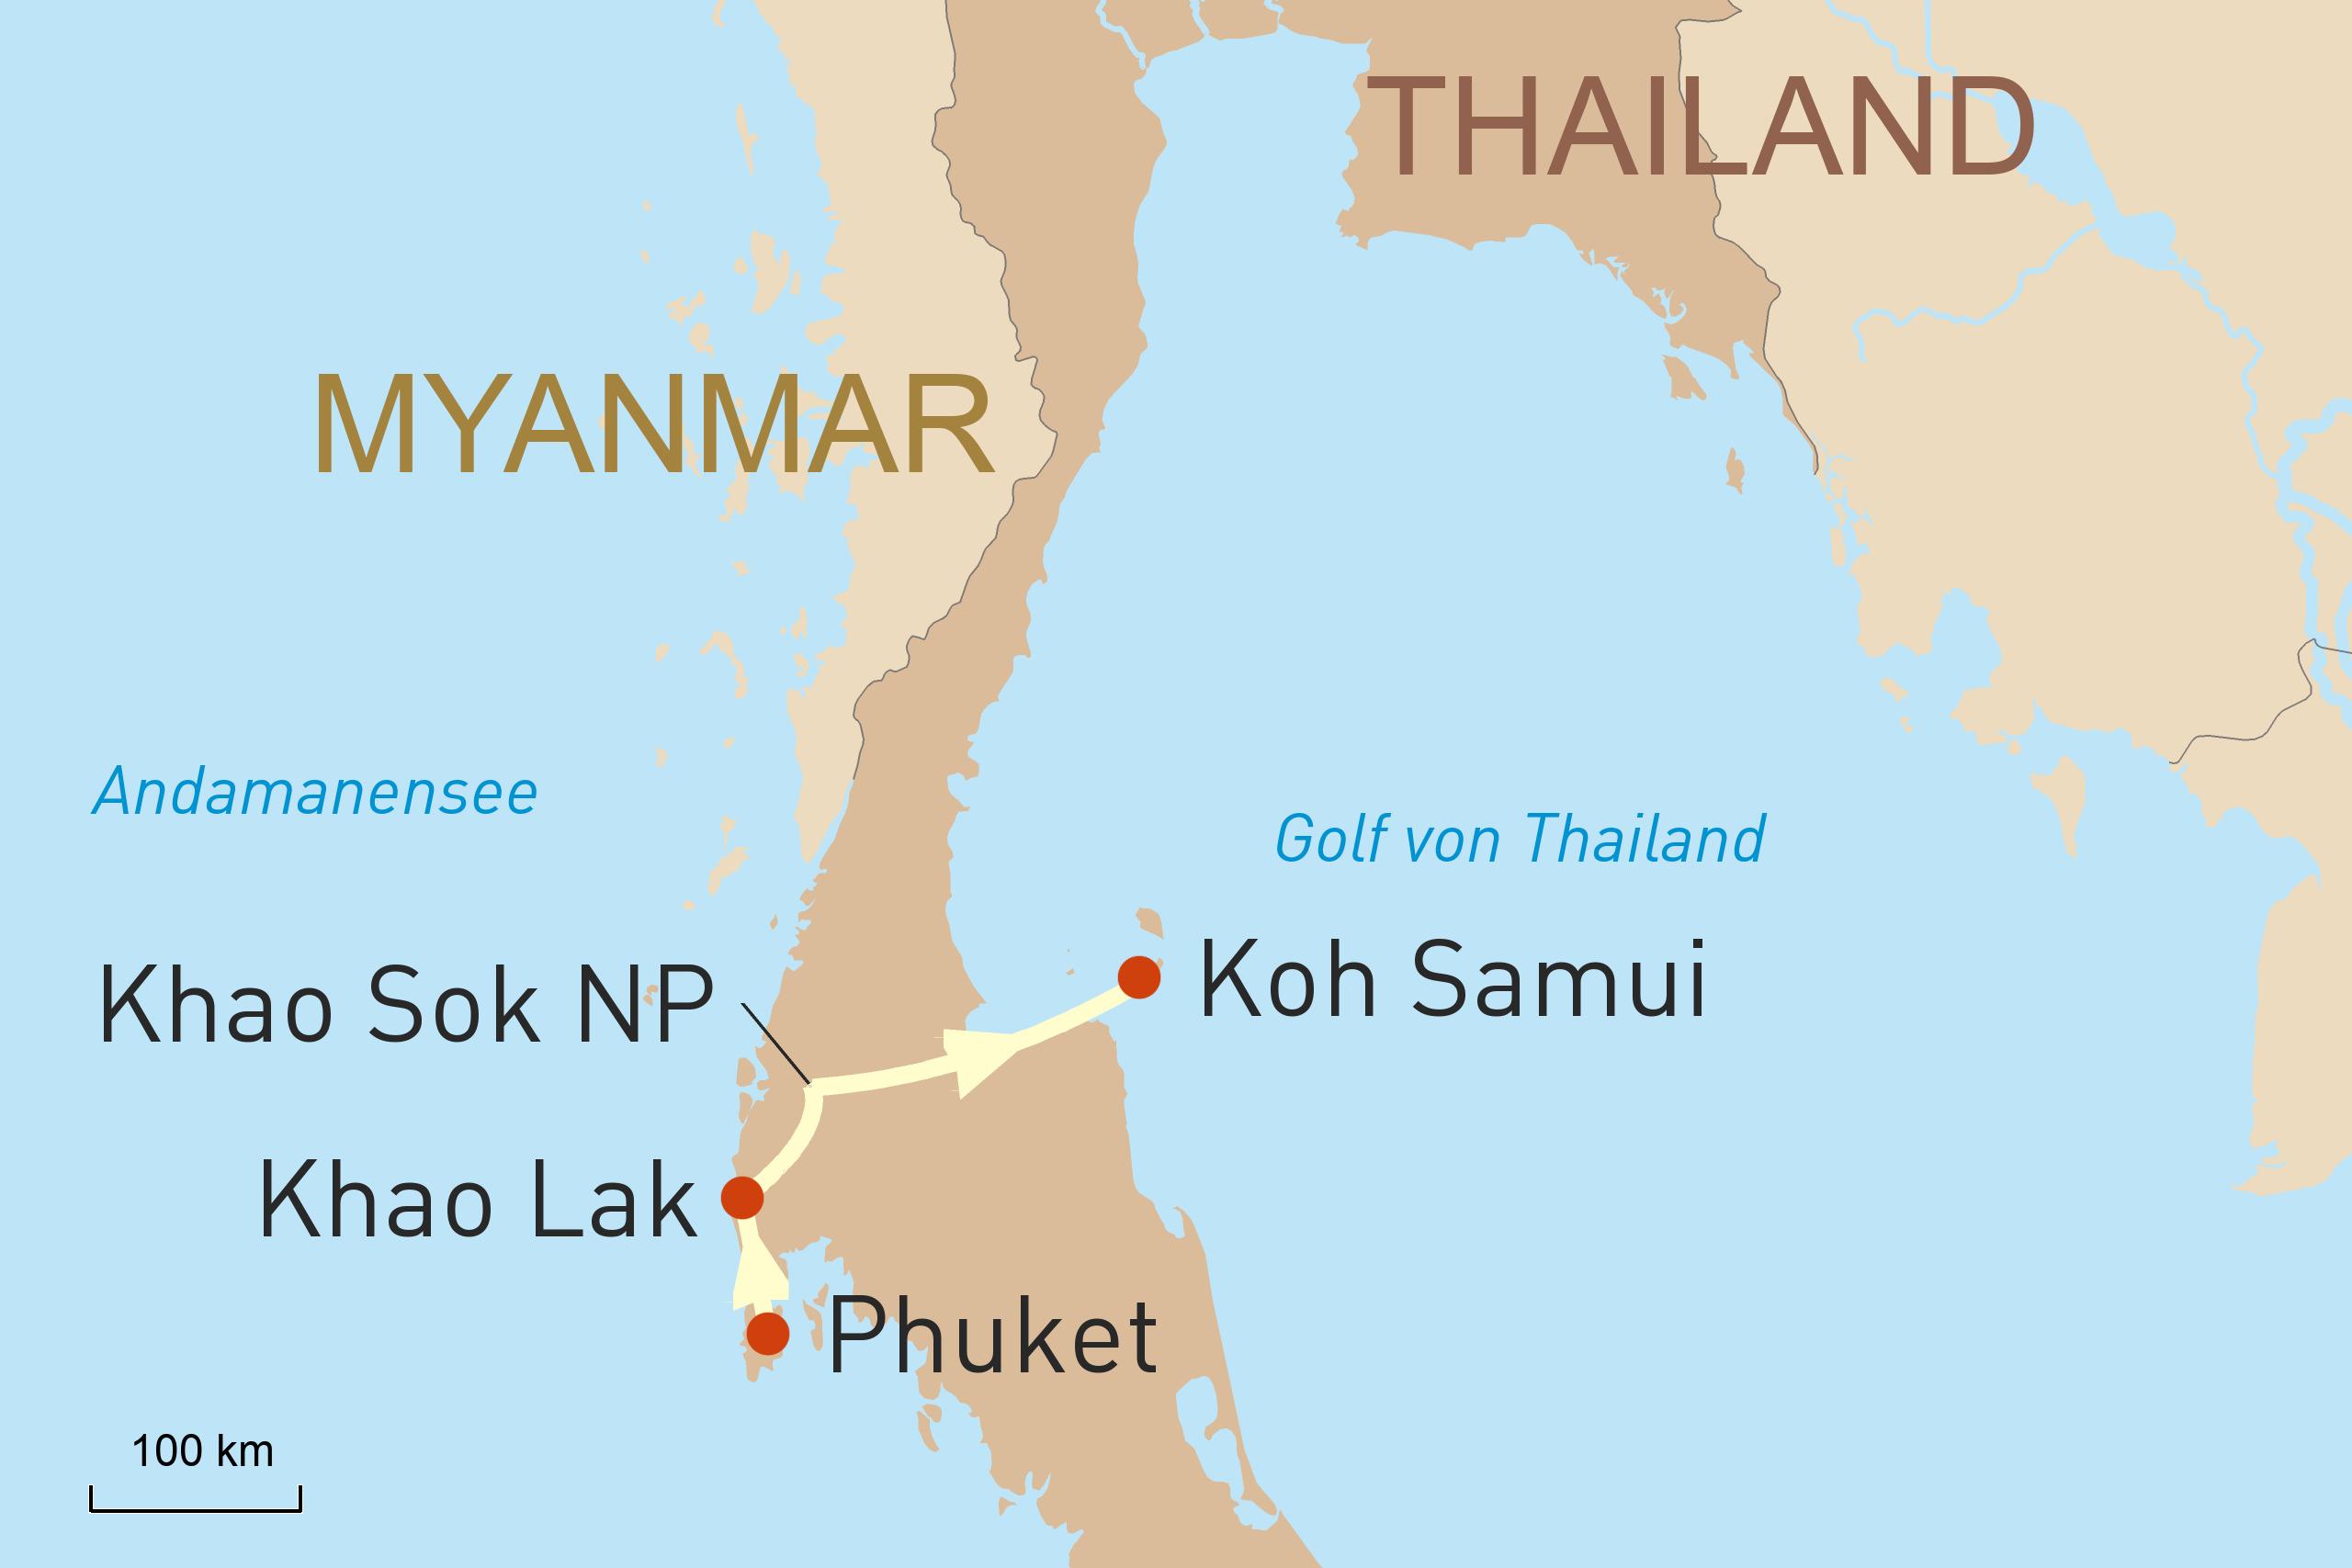 Dschungelerlenis Khao Sok und Inselwelt Thailands